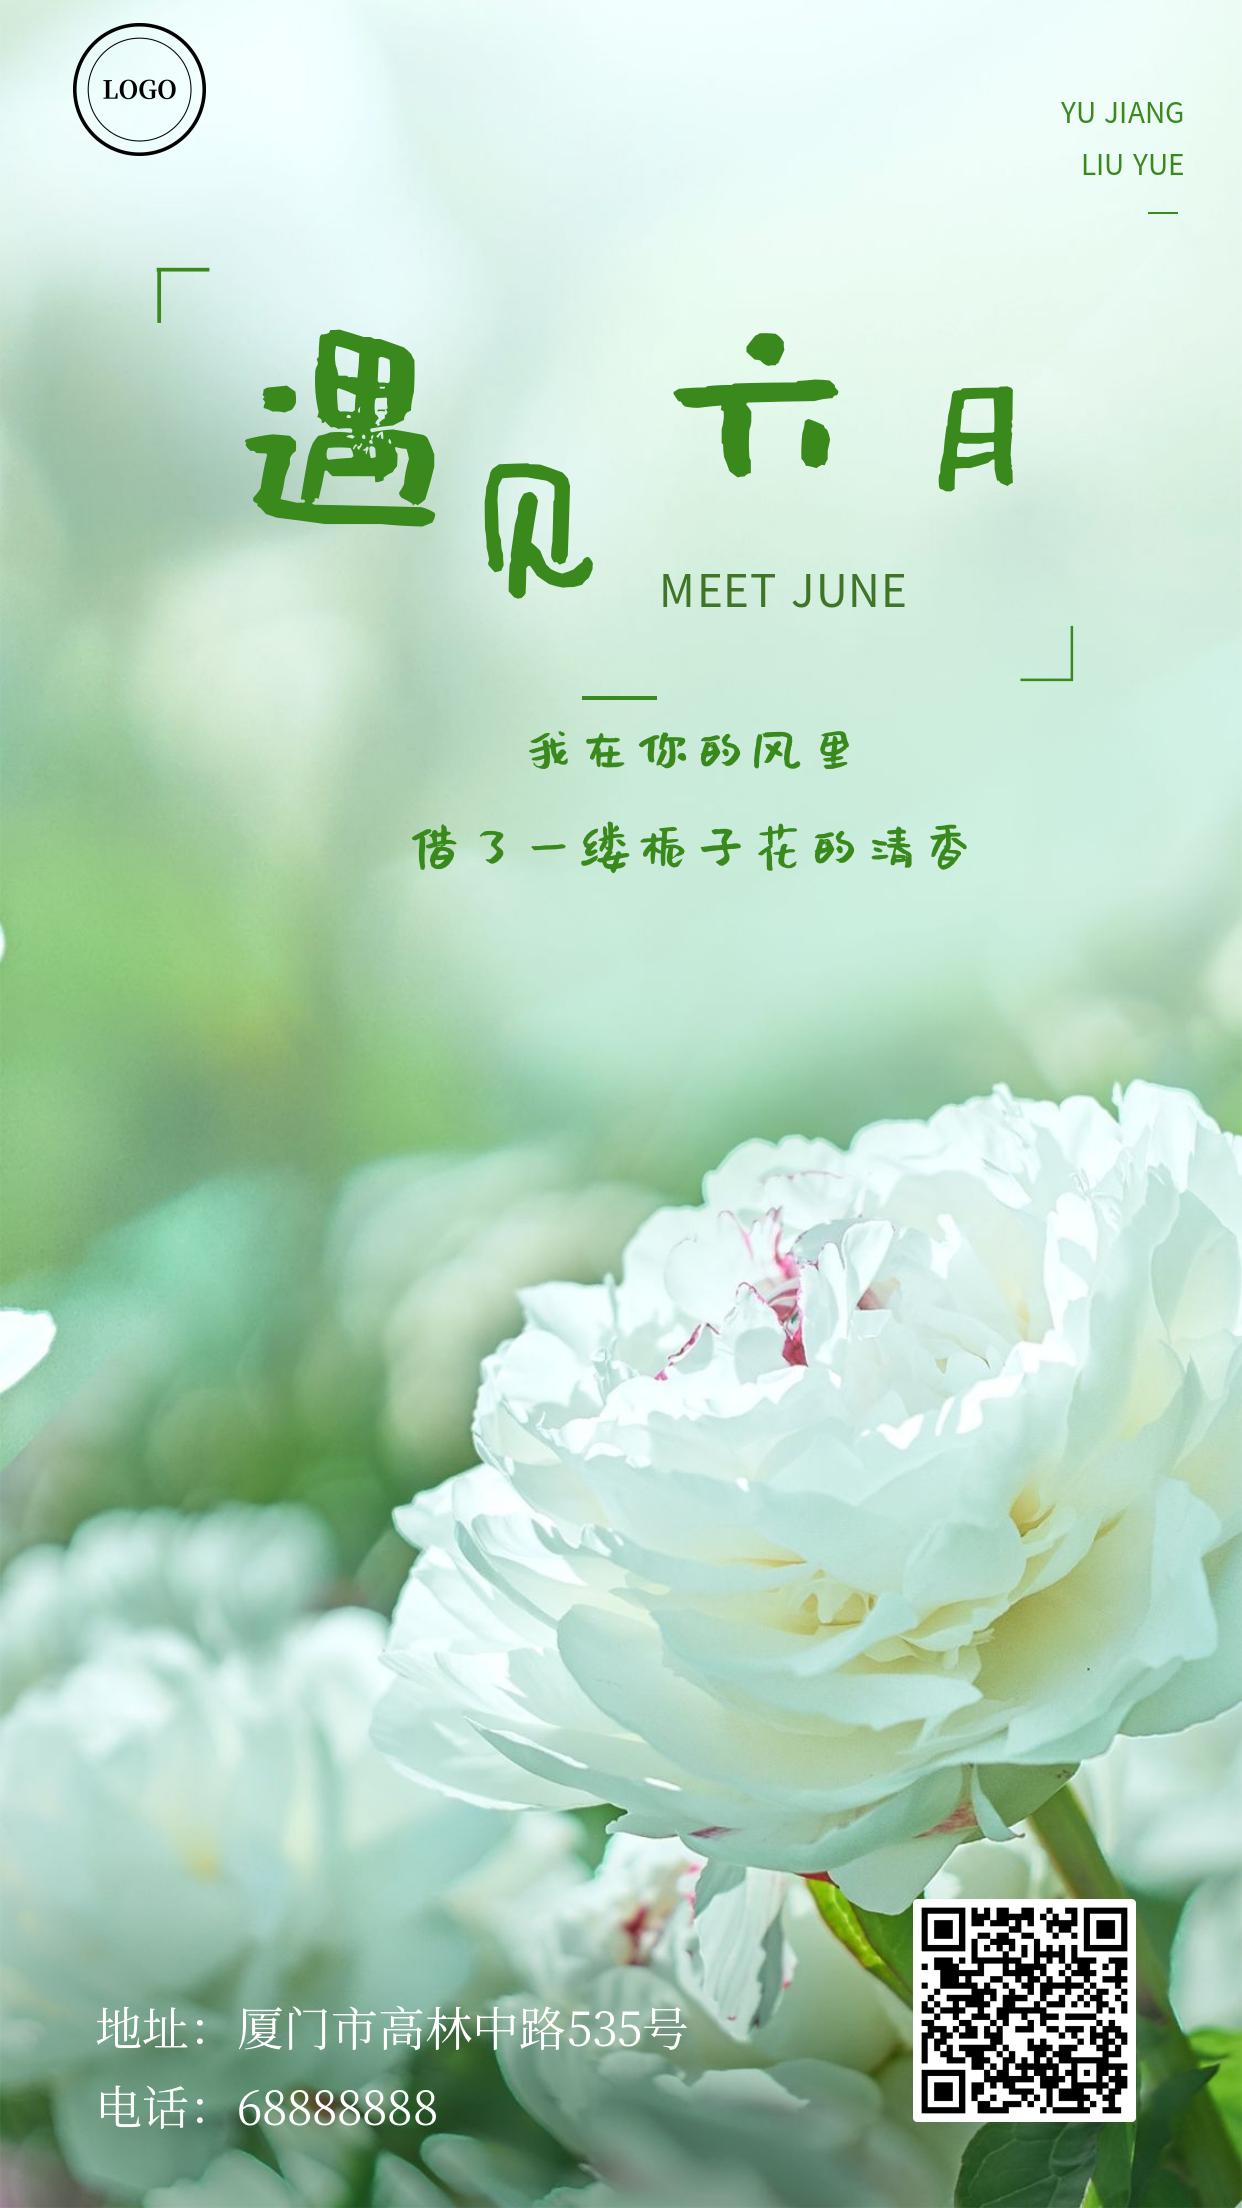 6月你好日签清新正能量手机海报